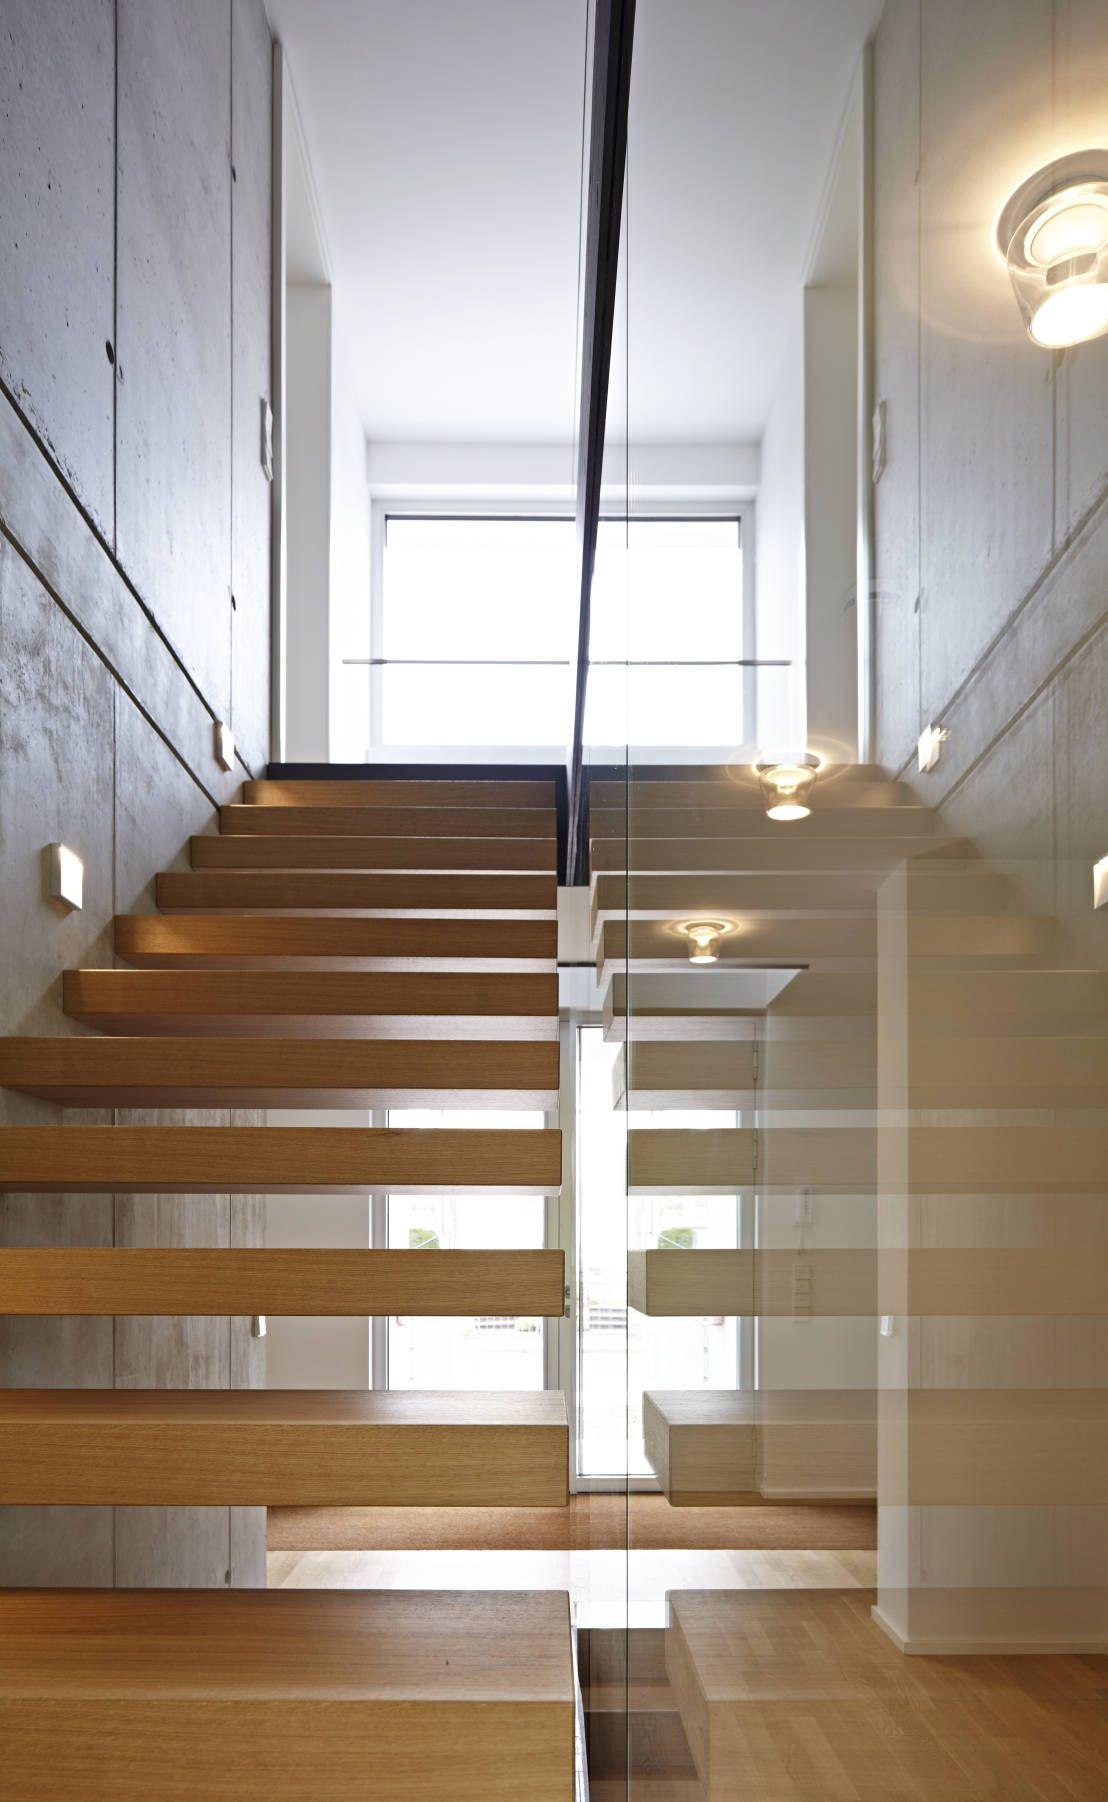 Hängele Treppenhaus wohnhaus h mainz hofbauer architekt sichtbetonwand